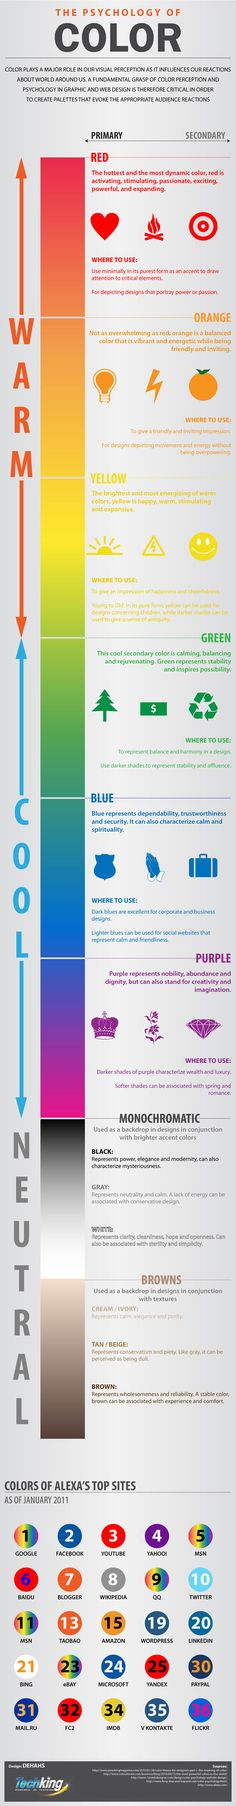 La psicología del color, infografía especial para los diseñadores